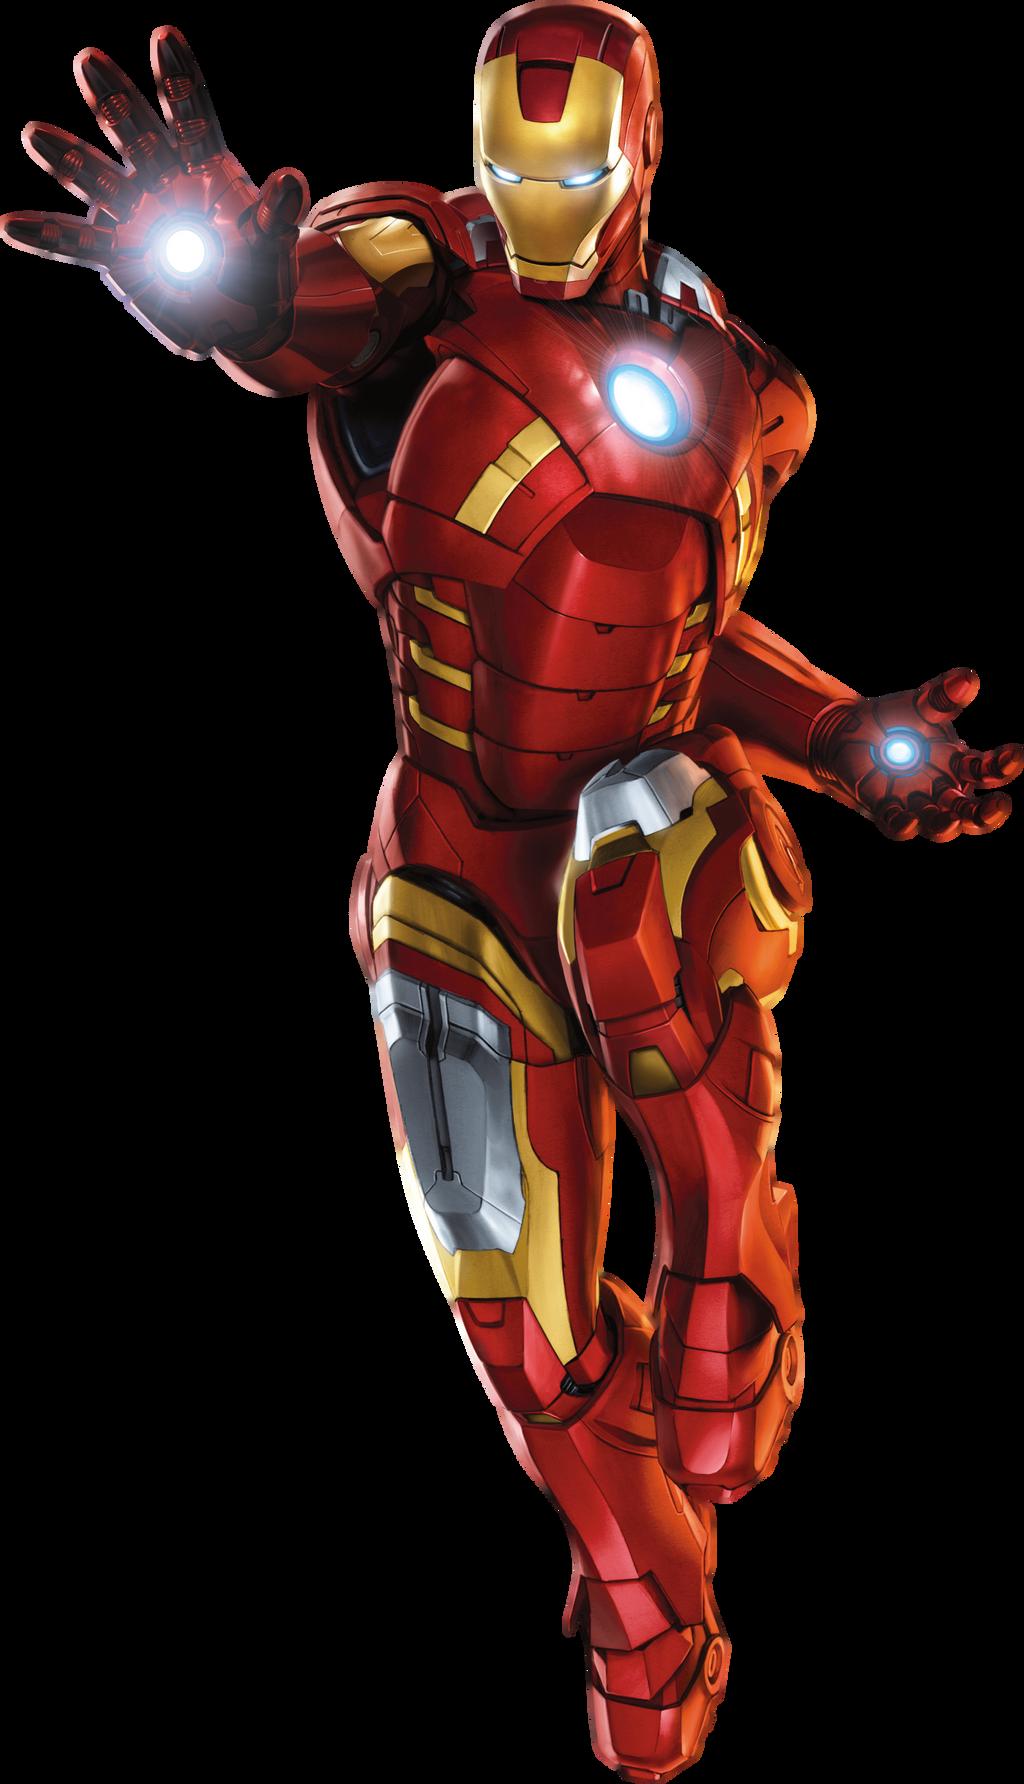 iron man PNG by BrokenHeartDesignz on DeviantArt